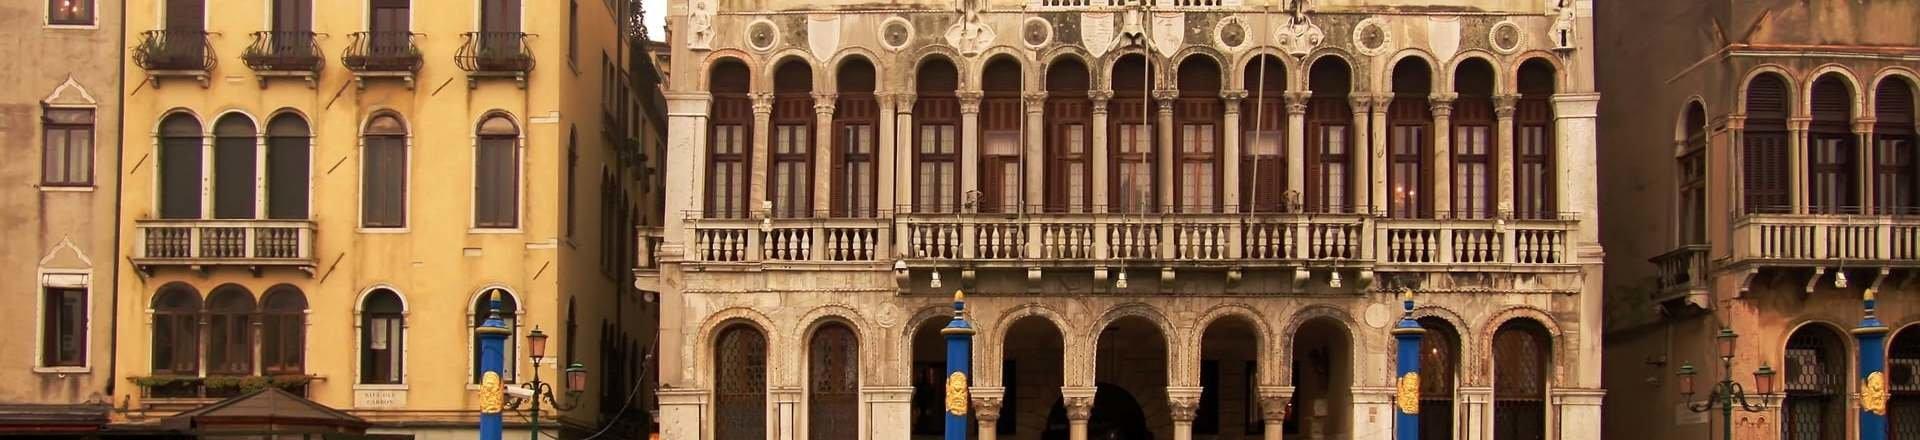 Hotel economici a venezia a partire da 32 destinia for Hotel a venezia 5 stelle